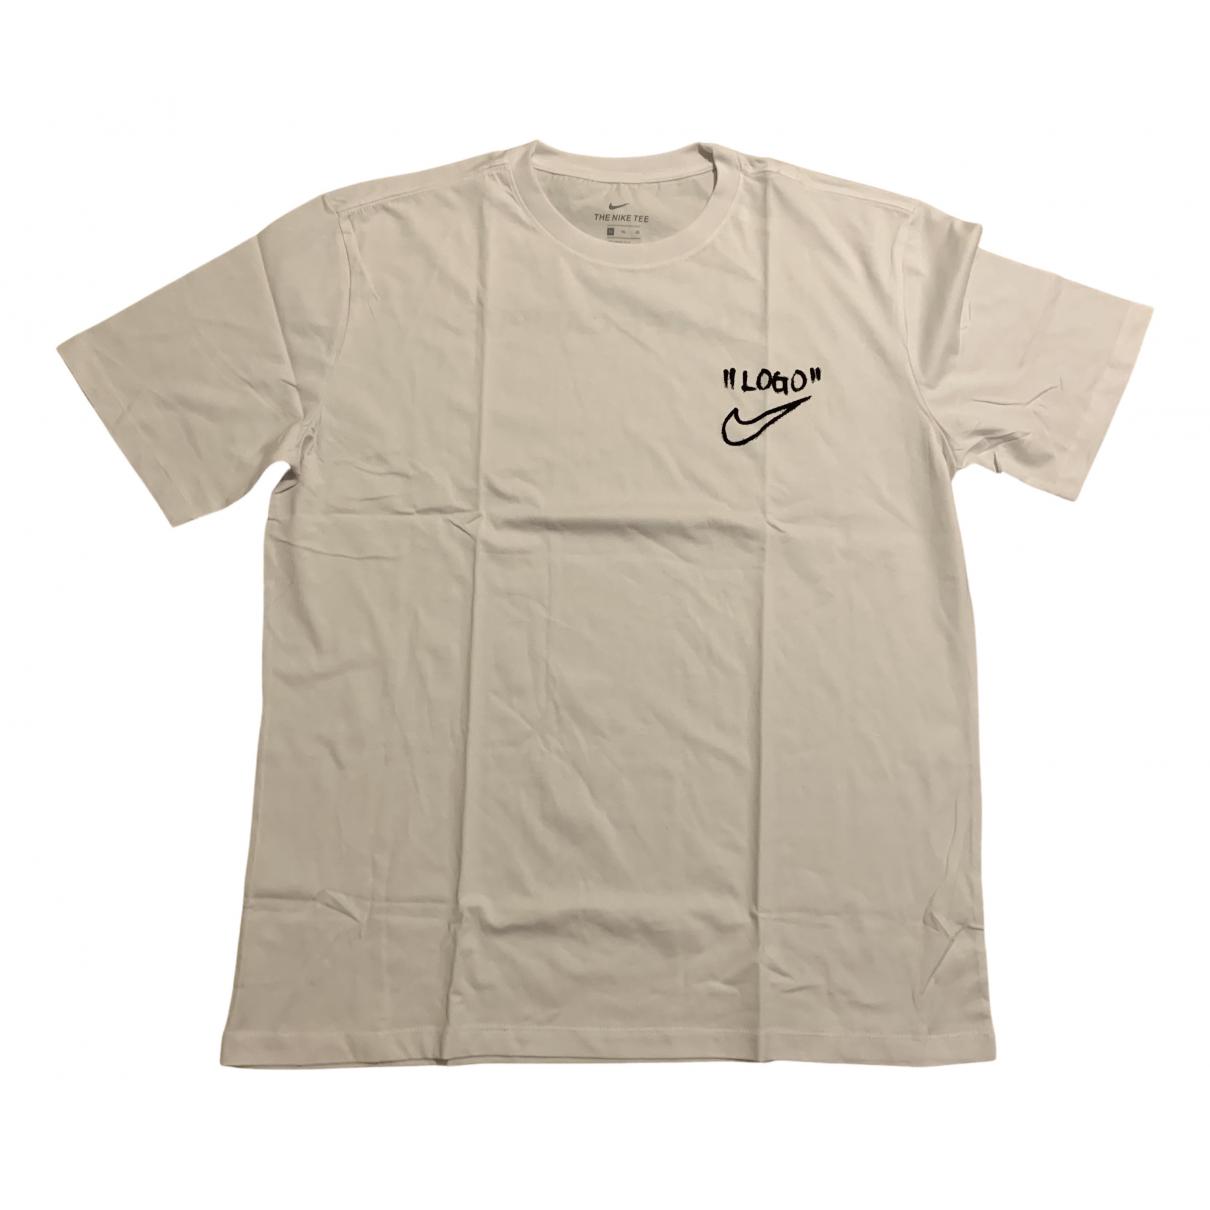 Nike X Off-white - Tee shirts   pour homme en coton - blanc